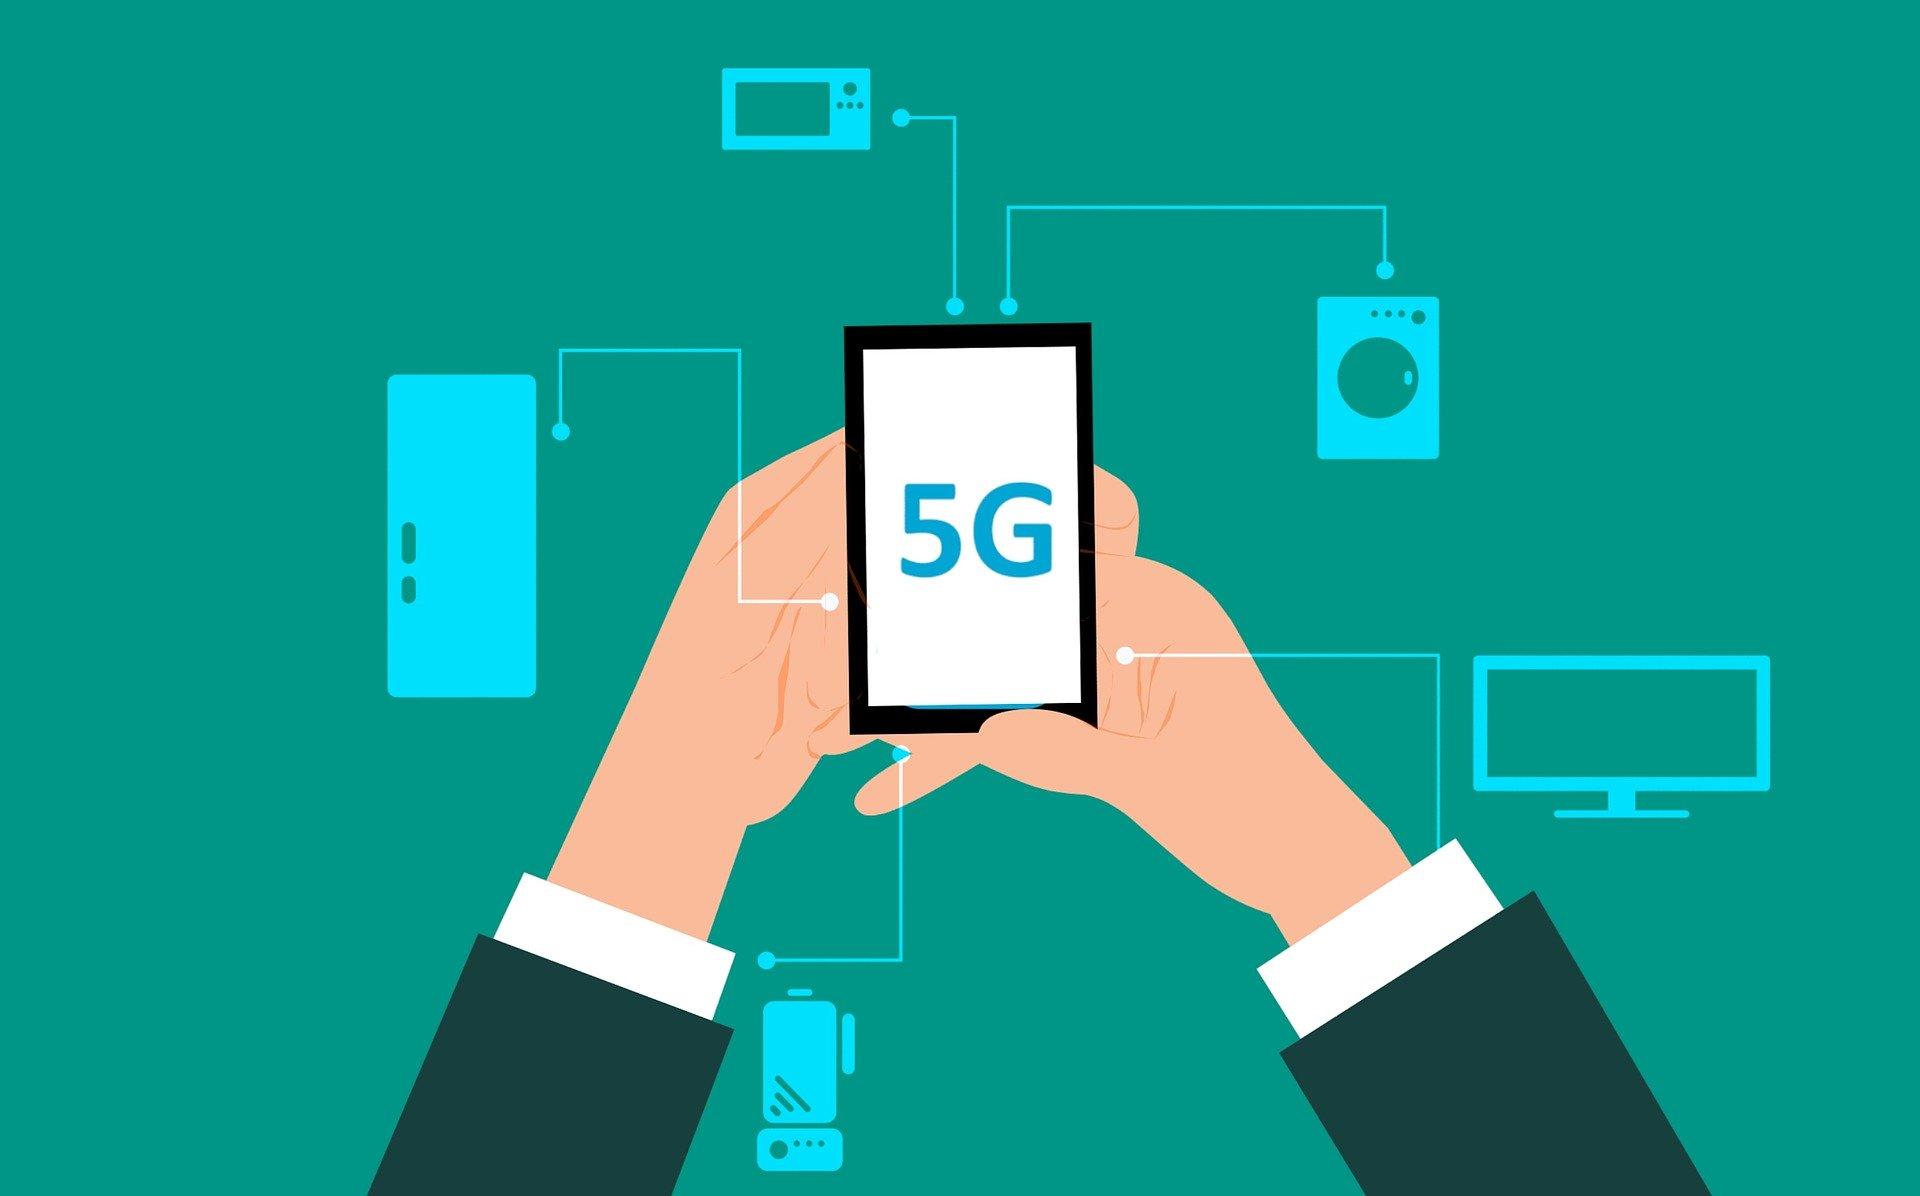 5Gの対応エリアは限定的?4Gとの違い4つとスマホ以外の活用用途を紹介のアイキャッチイメージ